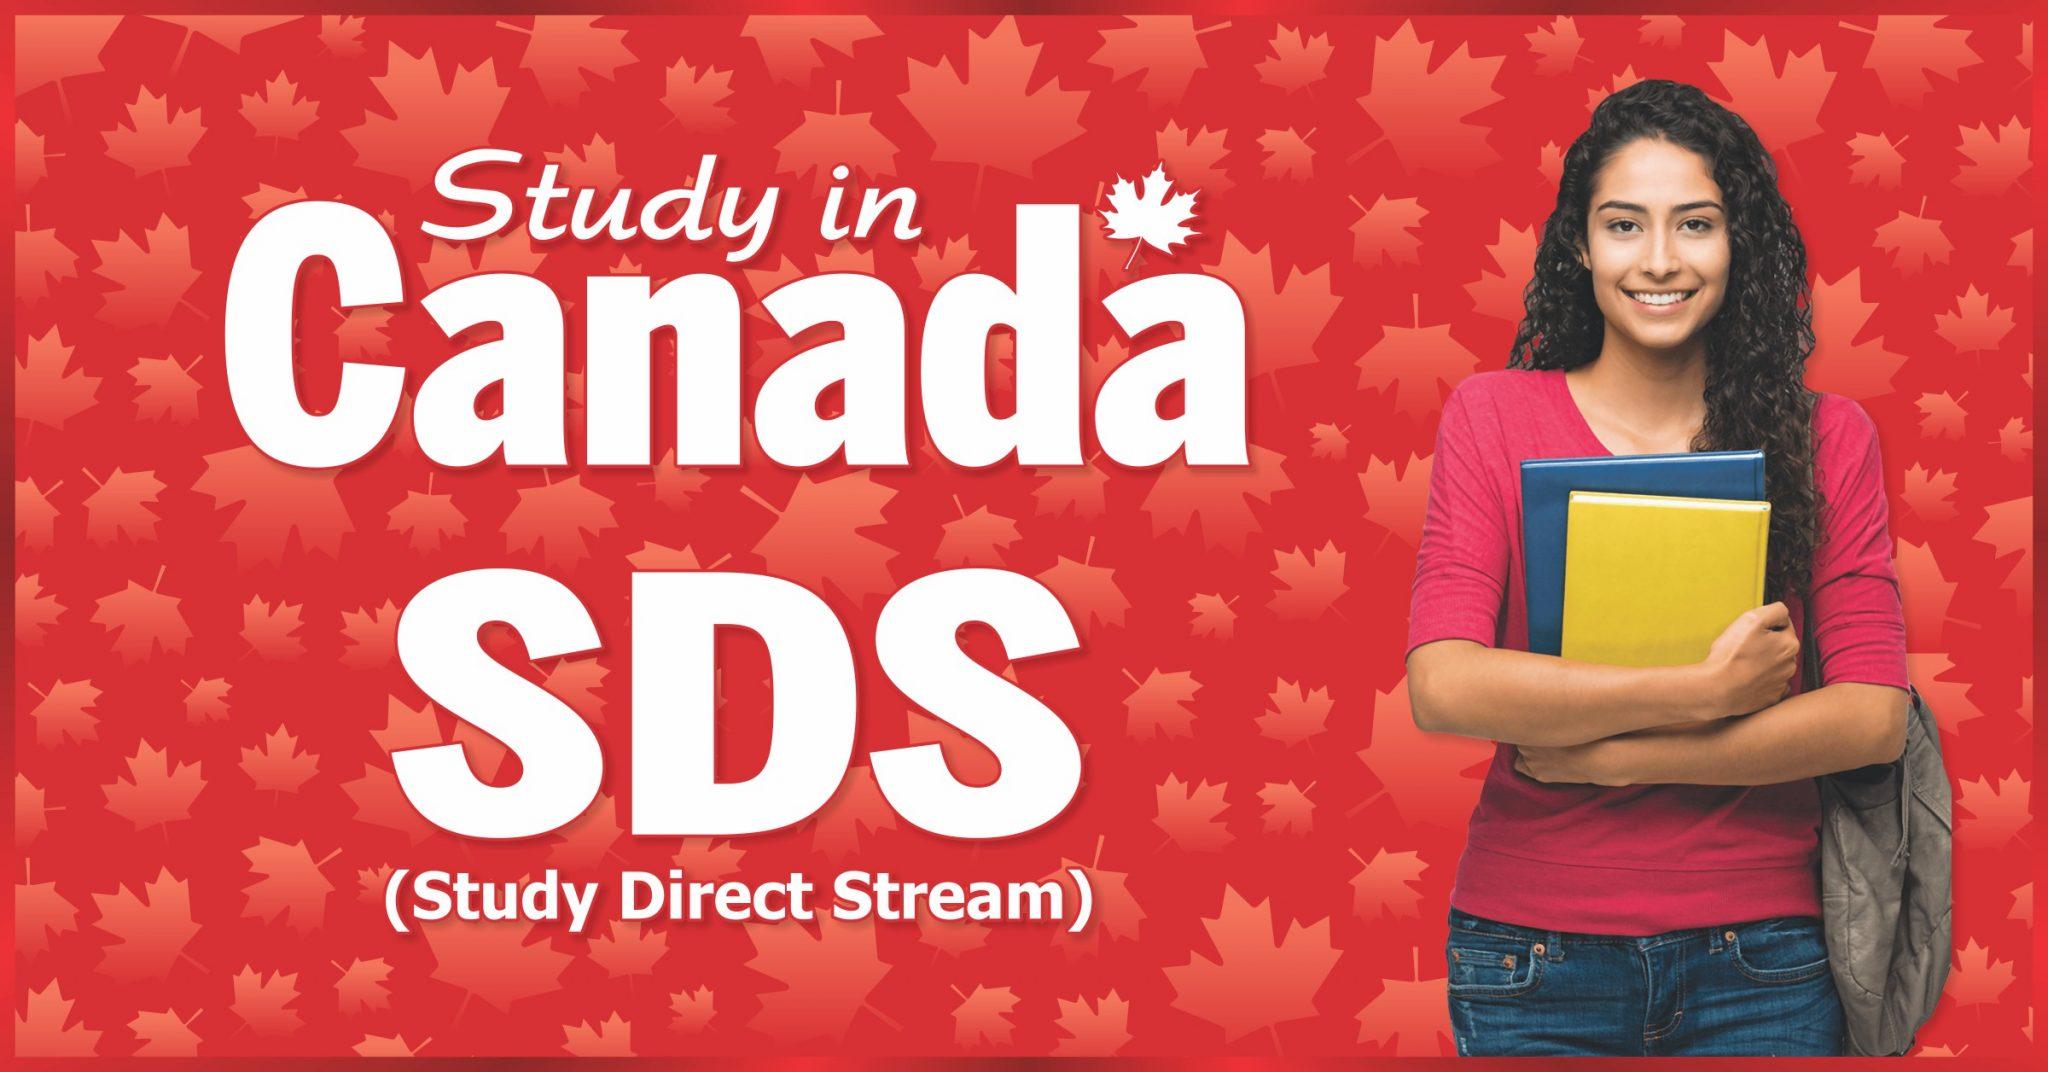 kinh nghiệm chứng minh tài chính du học canada